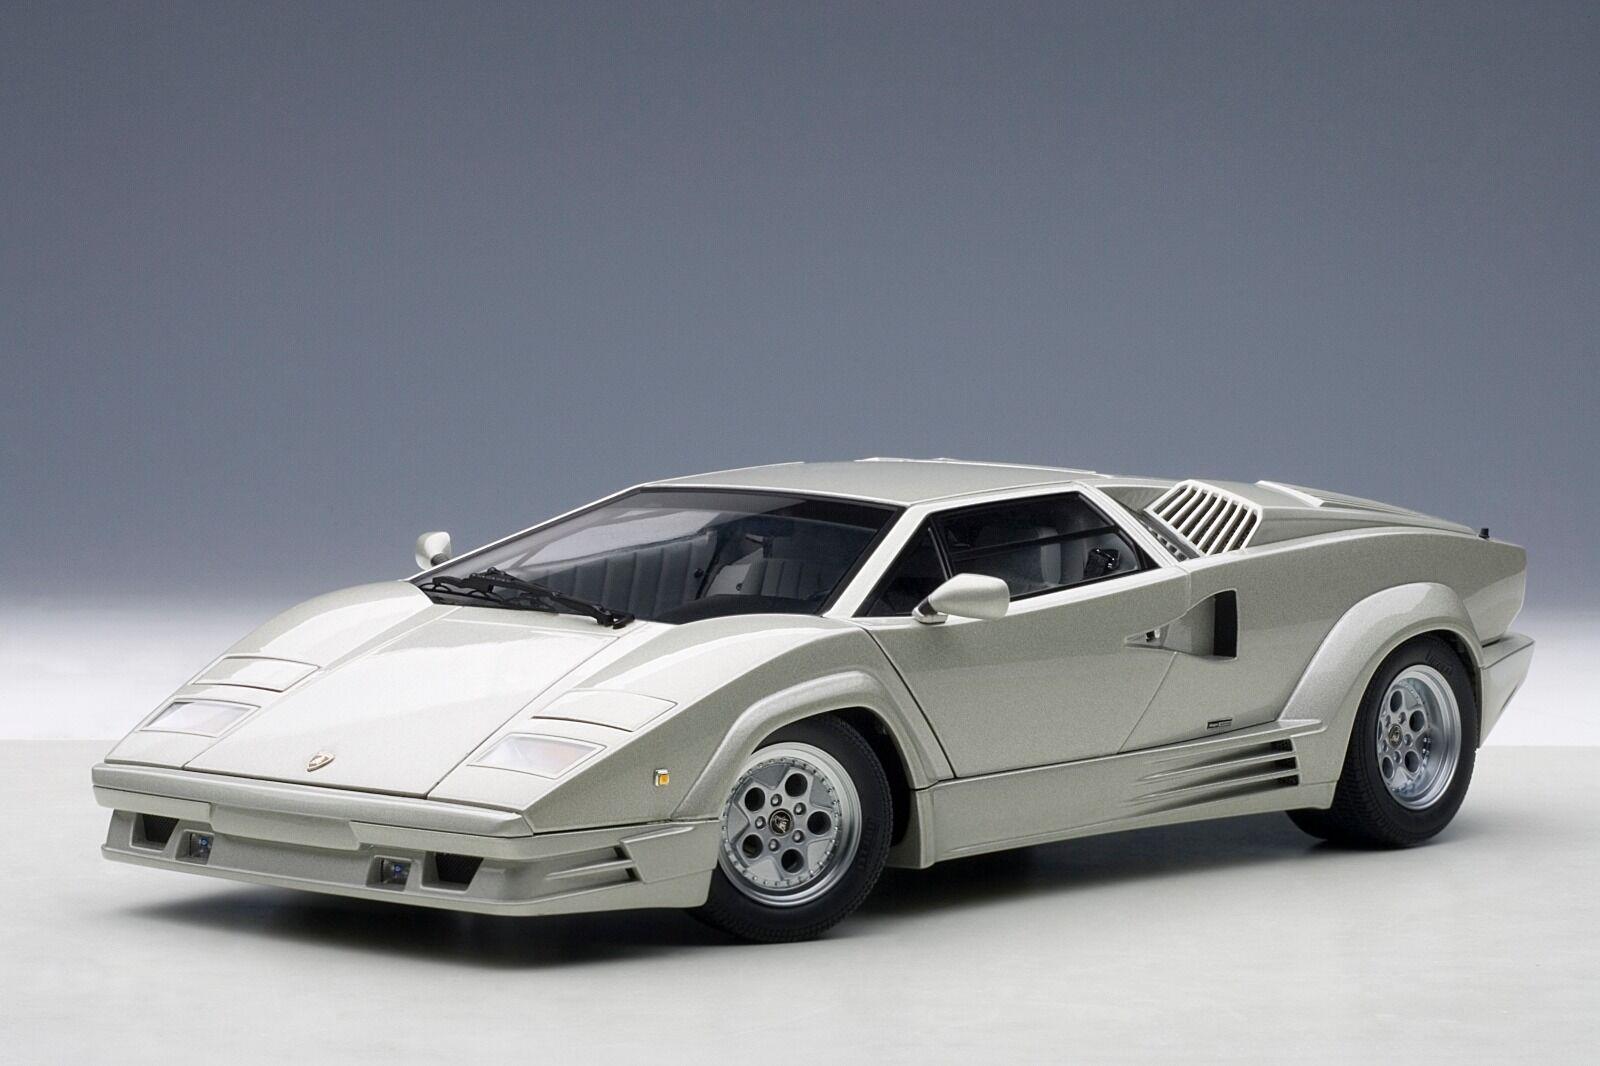 Lamborghini Countach 25th Anniversary Edition Last Produced AUTOart 74536 1/18